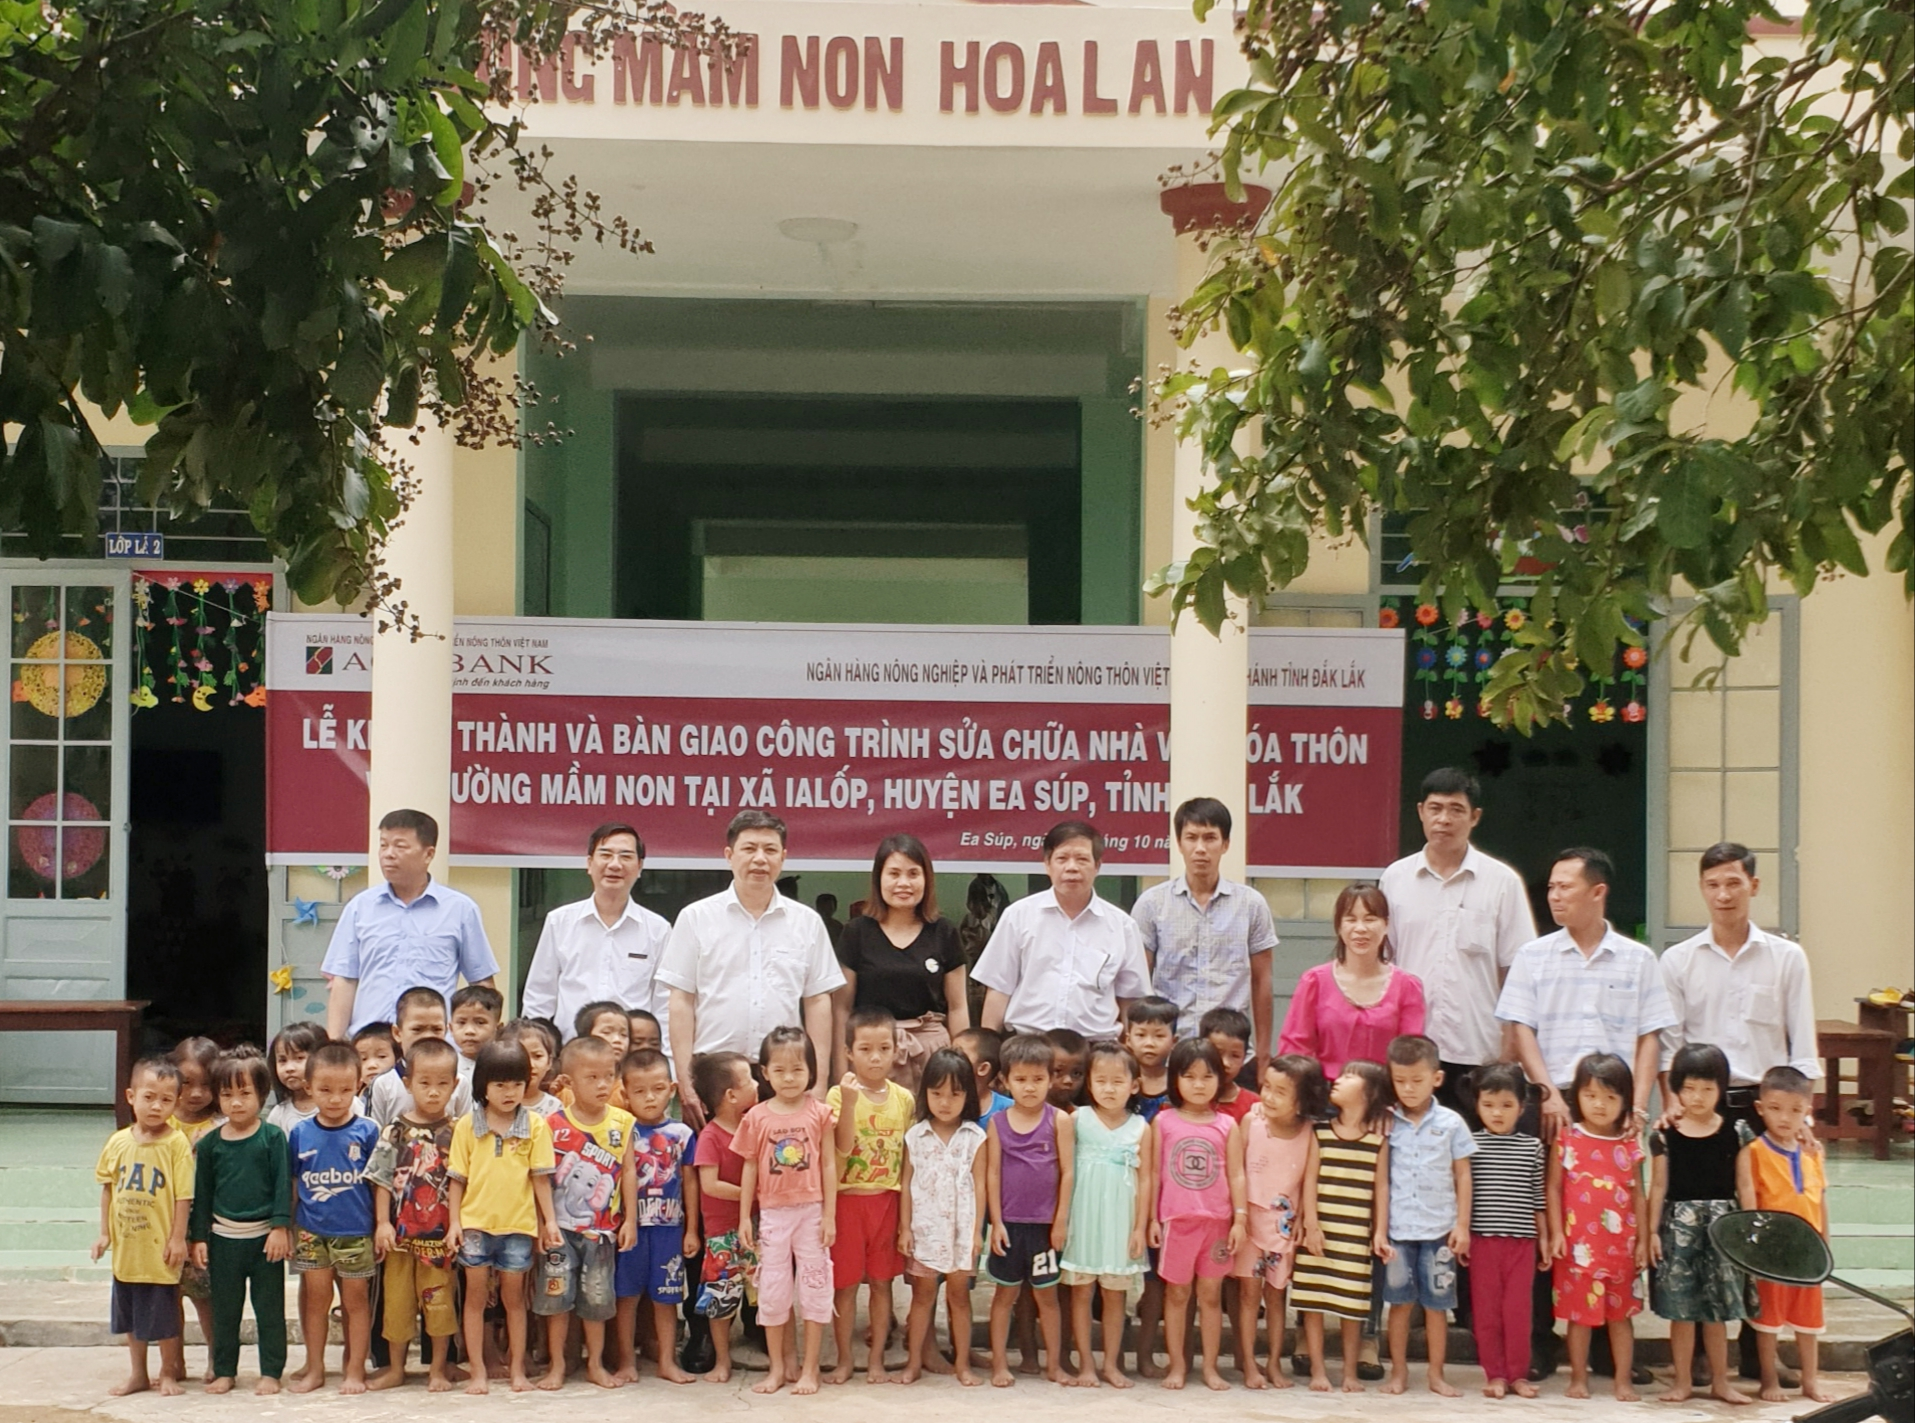 Tổ chức nghiệm thu và bàn giao công trình sửa chữa Nhà văn hóa và Trường Mầm non tại xã Ia Lốp, huyện Ea Súp